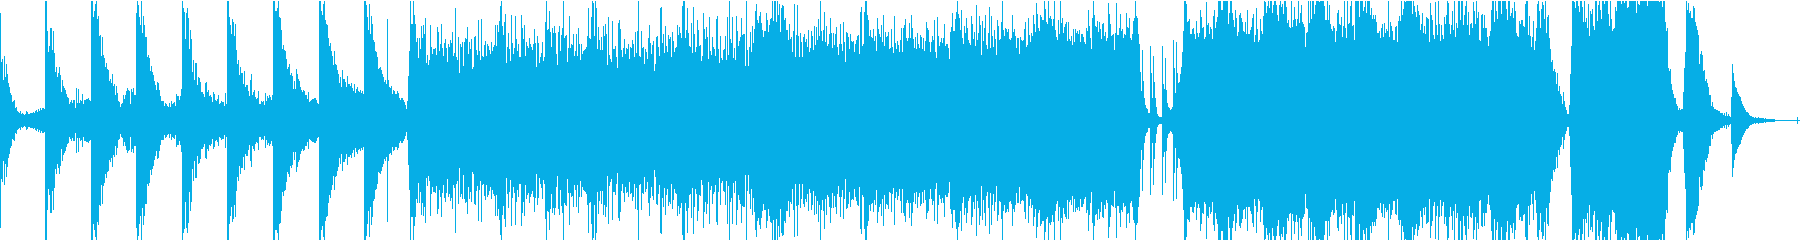 エレクトロ 交響曲 クラシック プ...の再生済みの波形